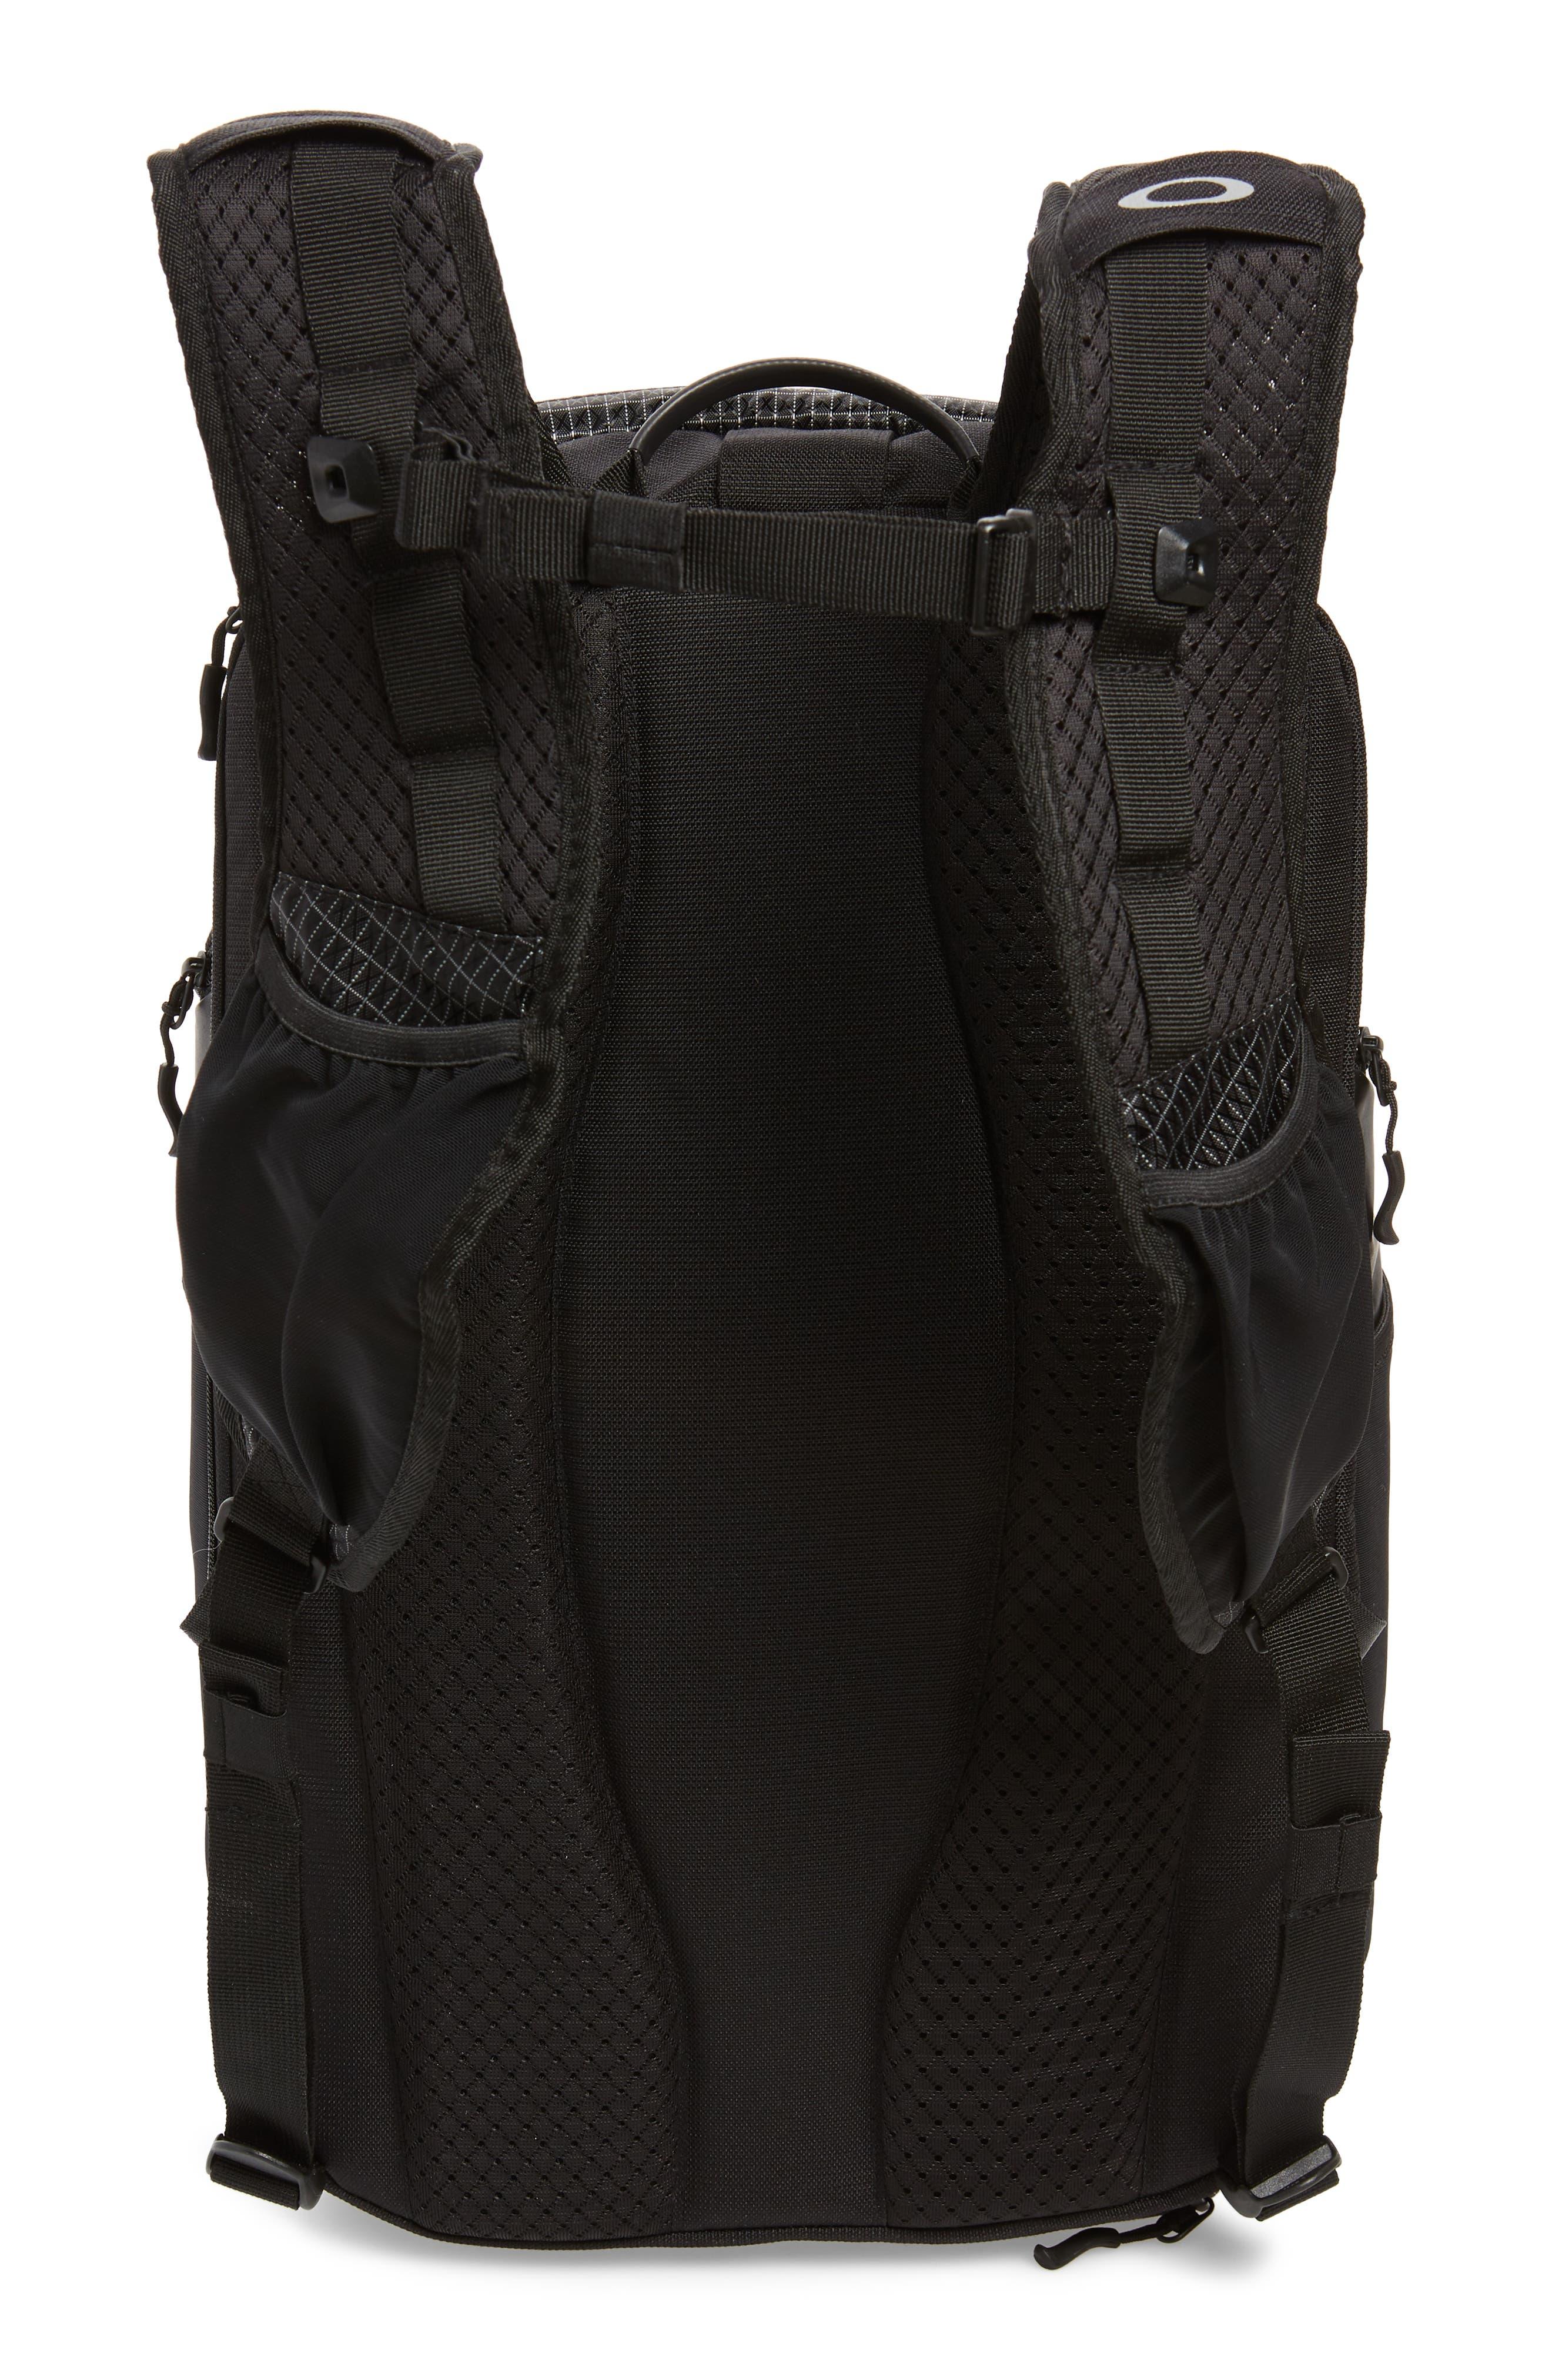 OAKLEY,                             Link Backpack,                             Alternate thumbnail 3, color,                             BLACKOUT